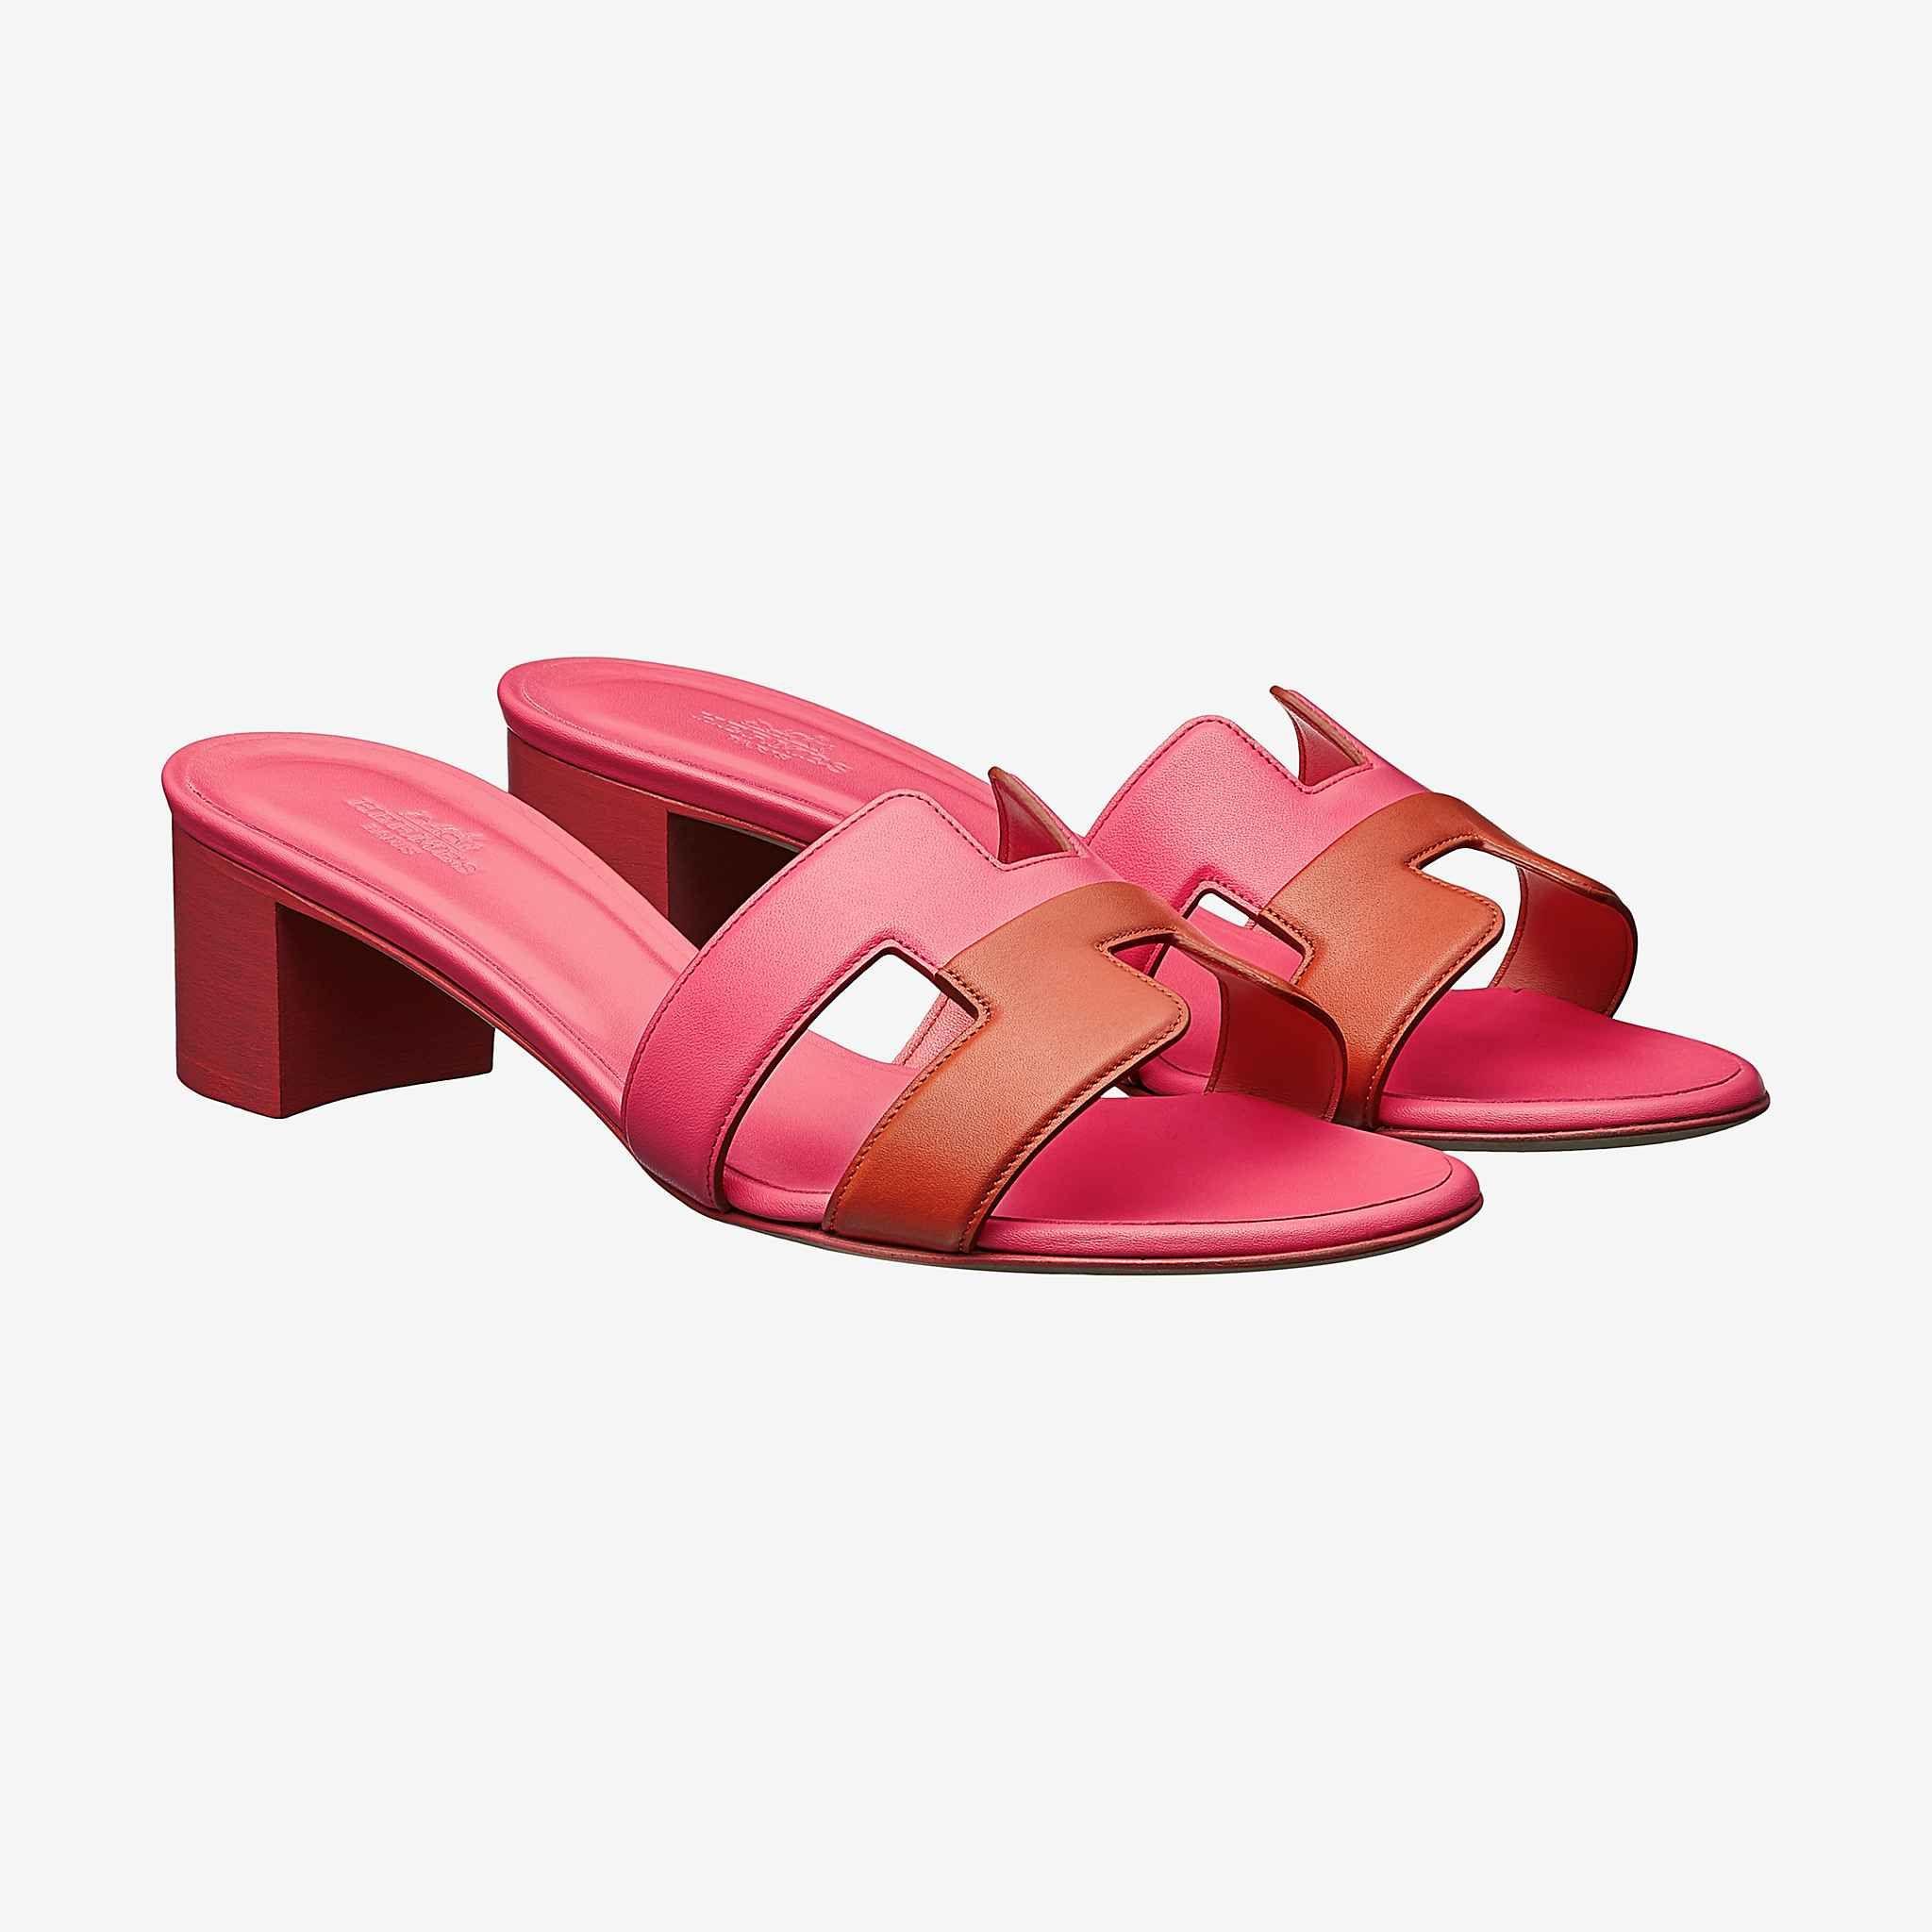 b7ad636c36d7 Oasis sandal di 2019